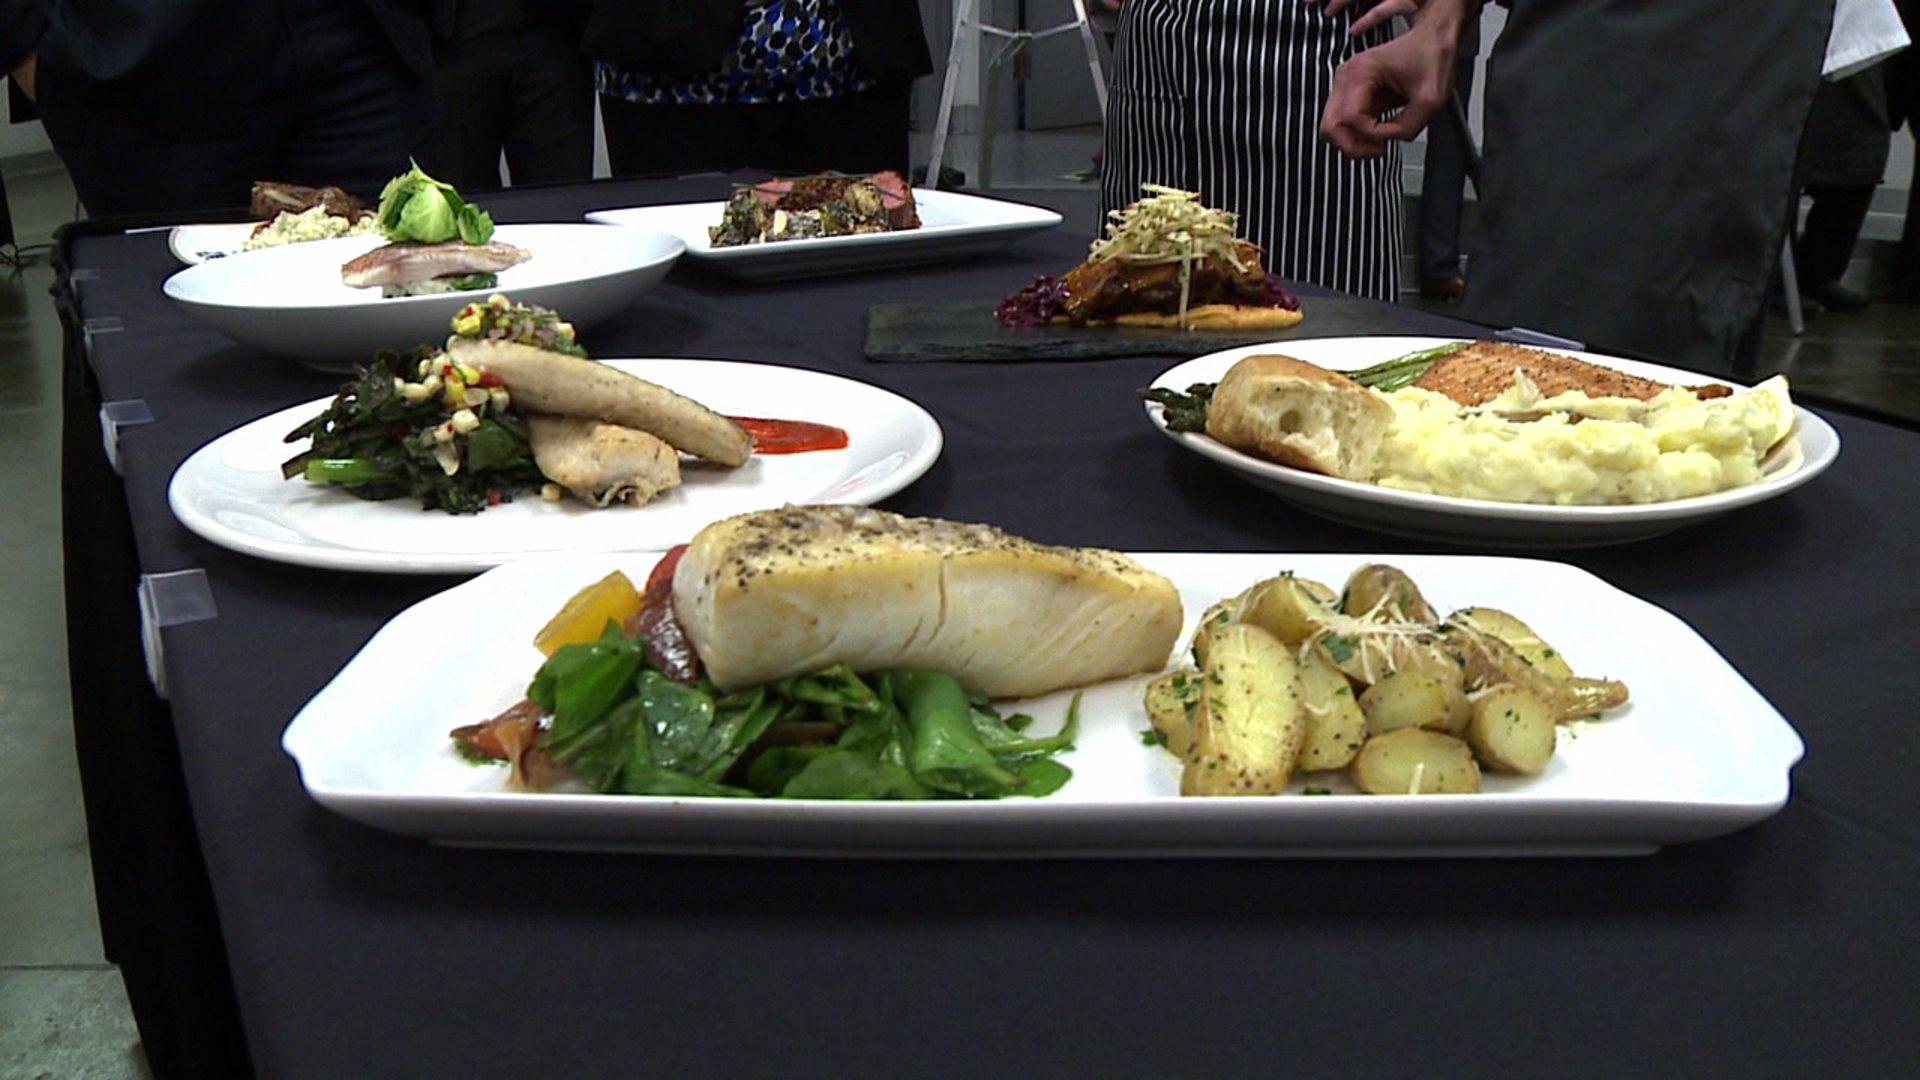 Food prepared for Denver Restaurant Week